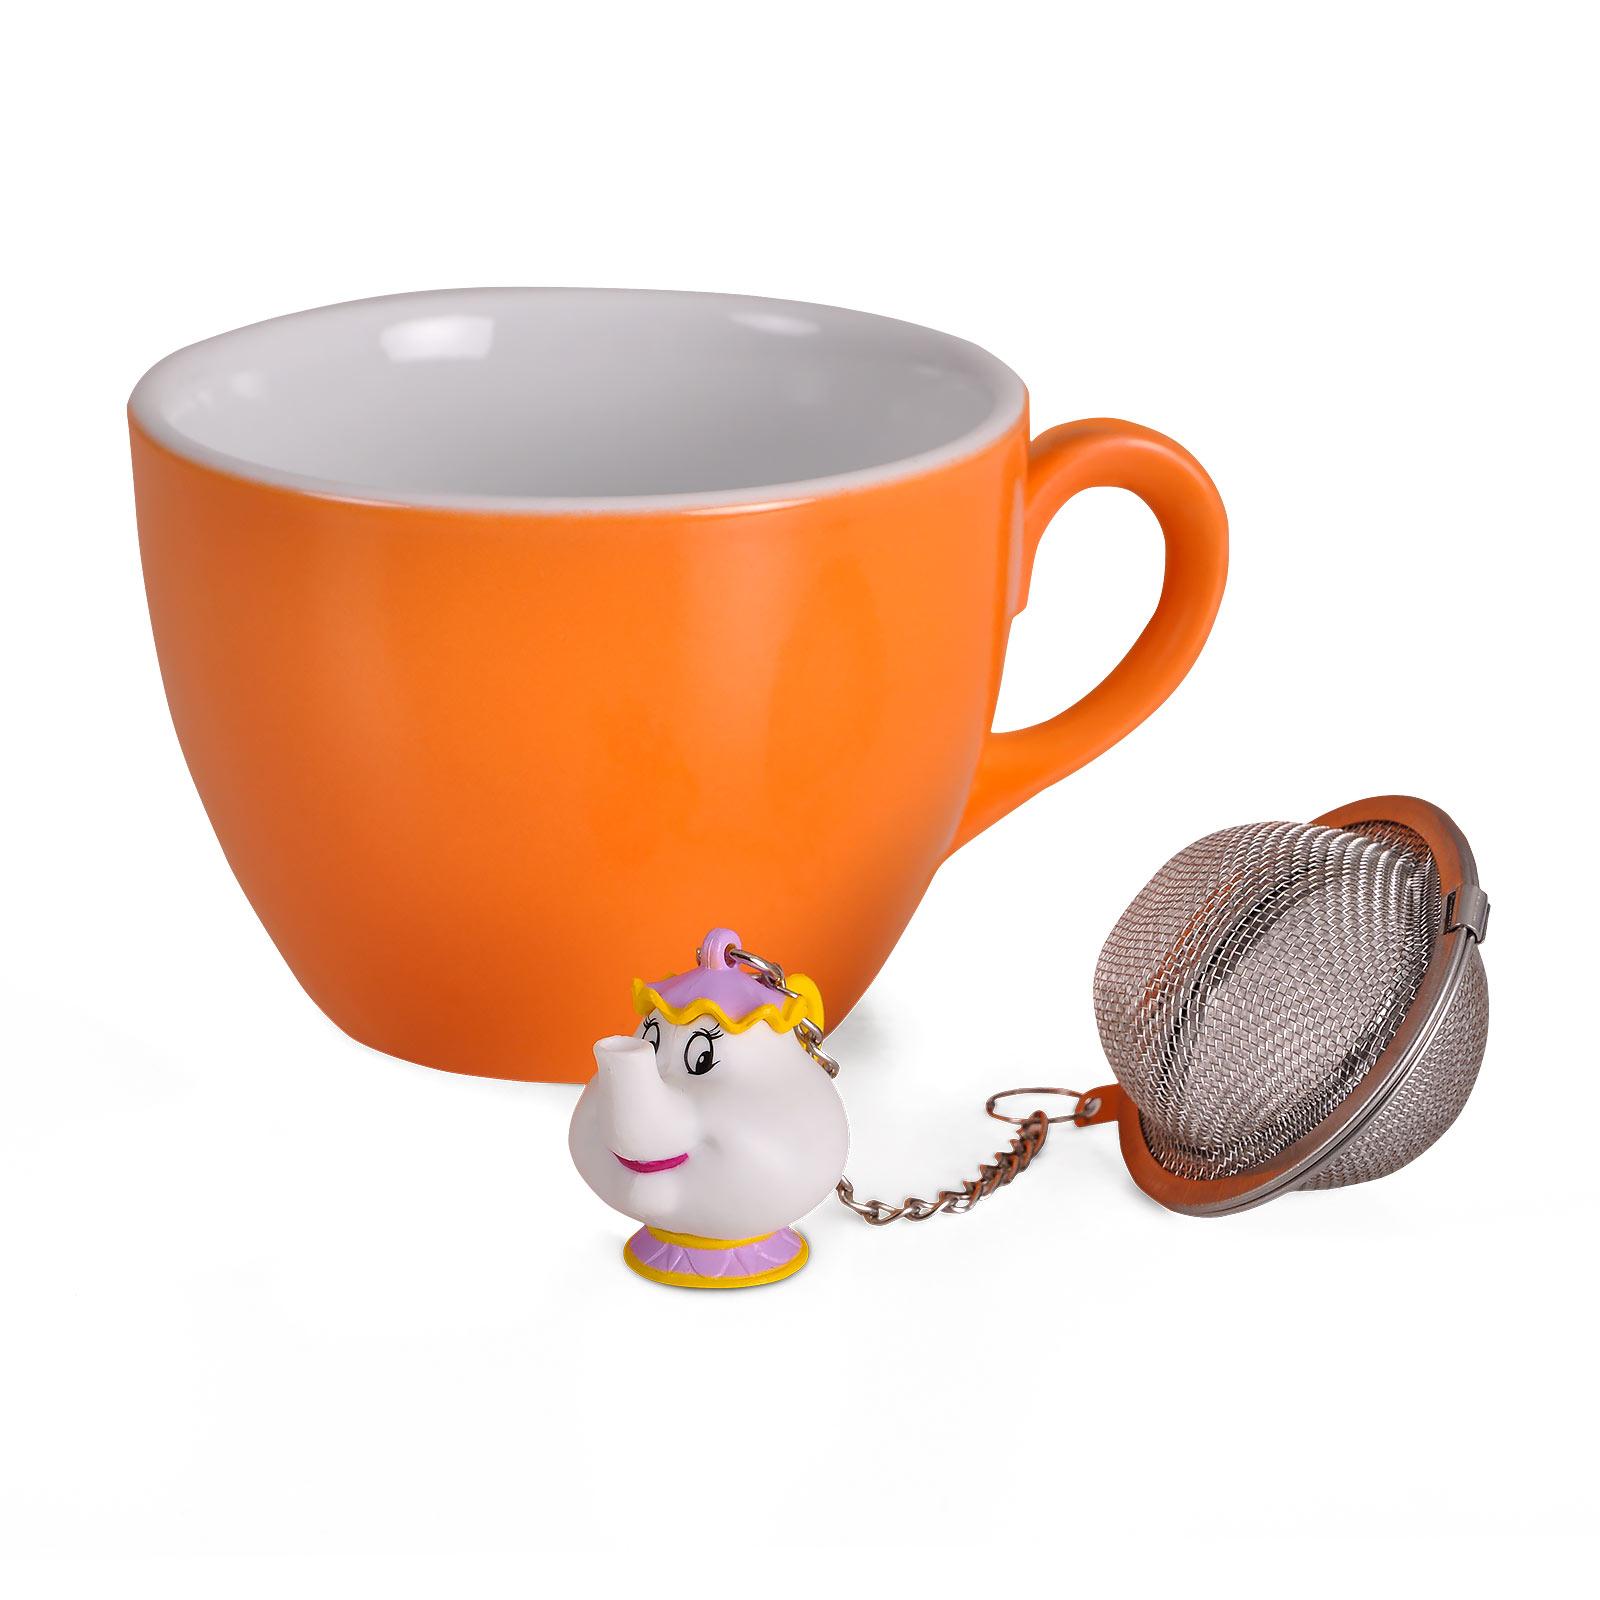 Die Schöne und das Biest - Madame Pottine Tee-Ei